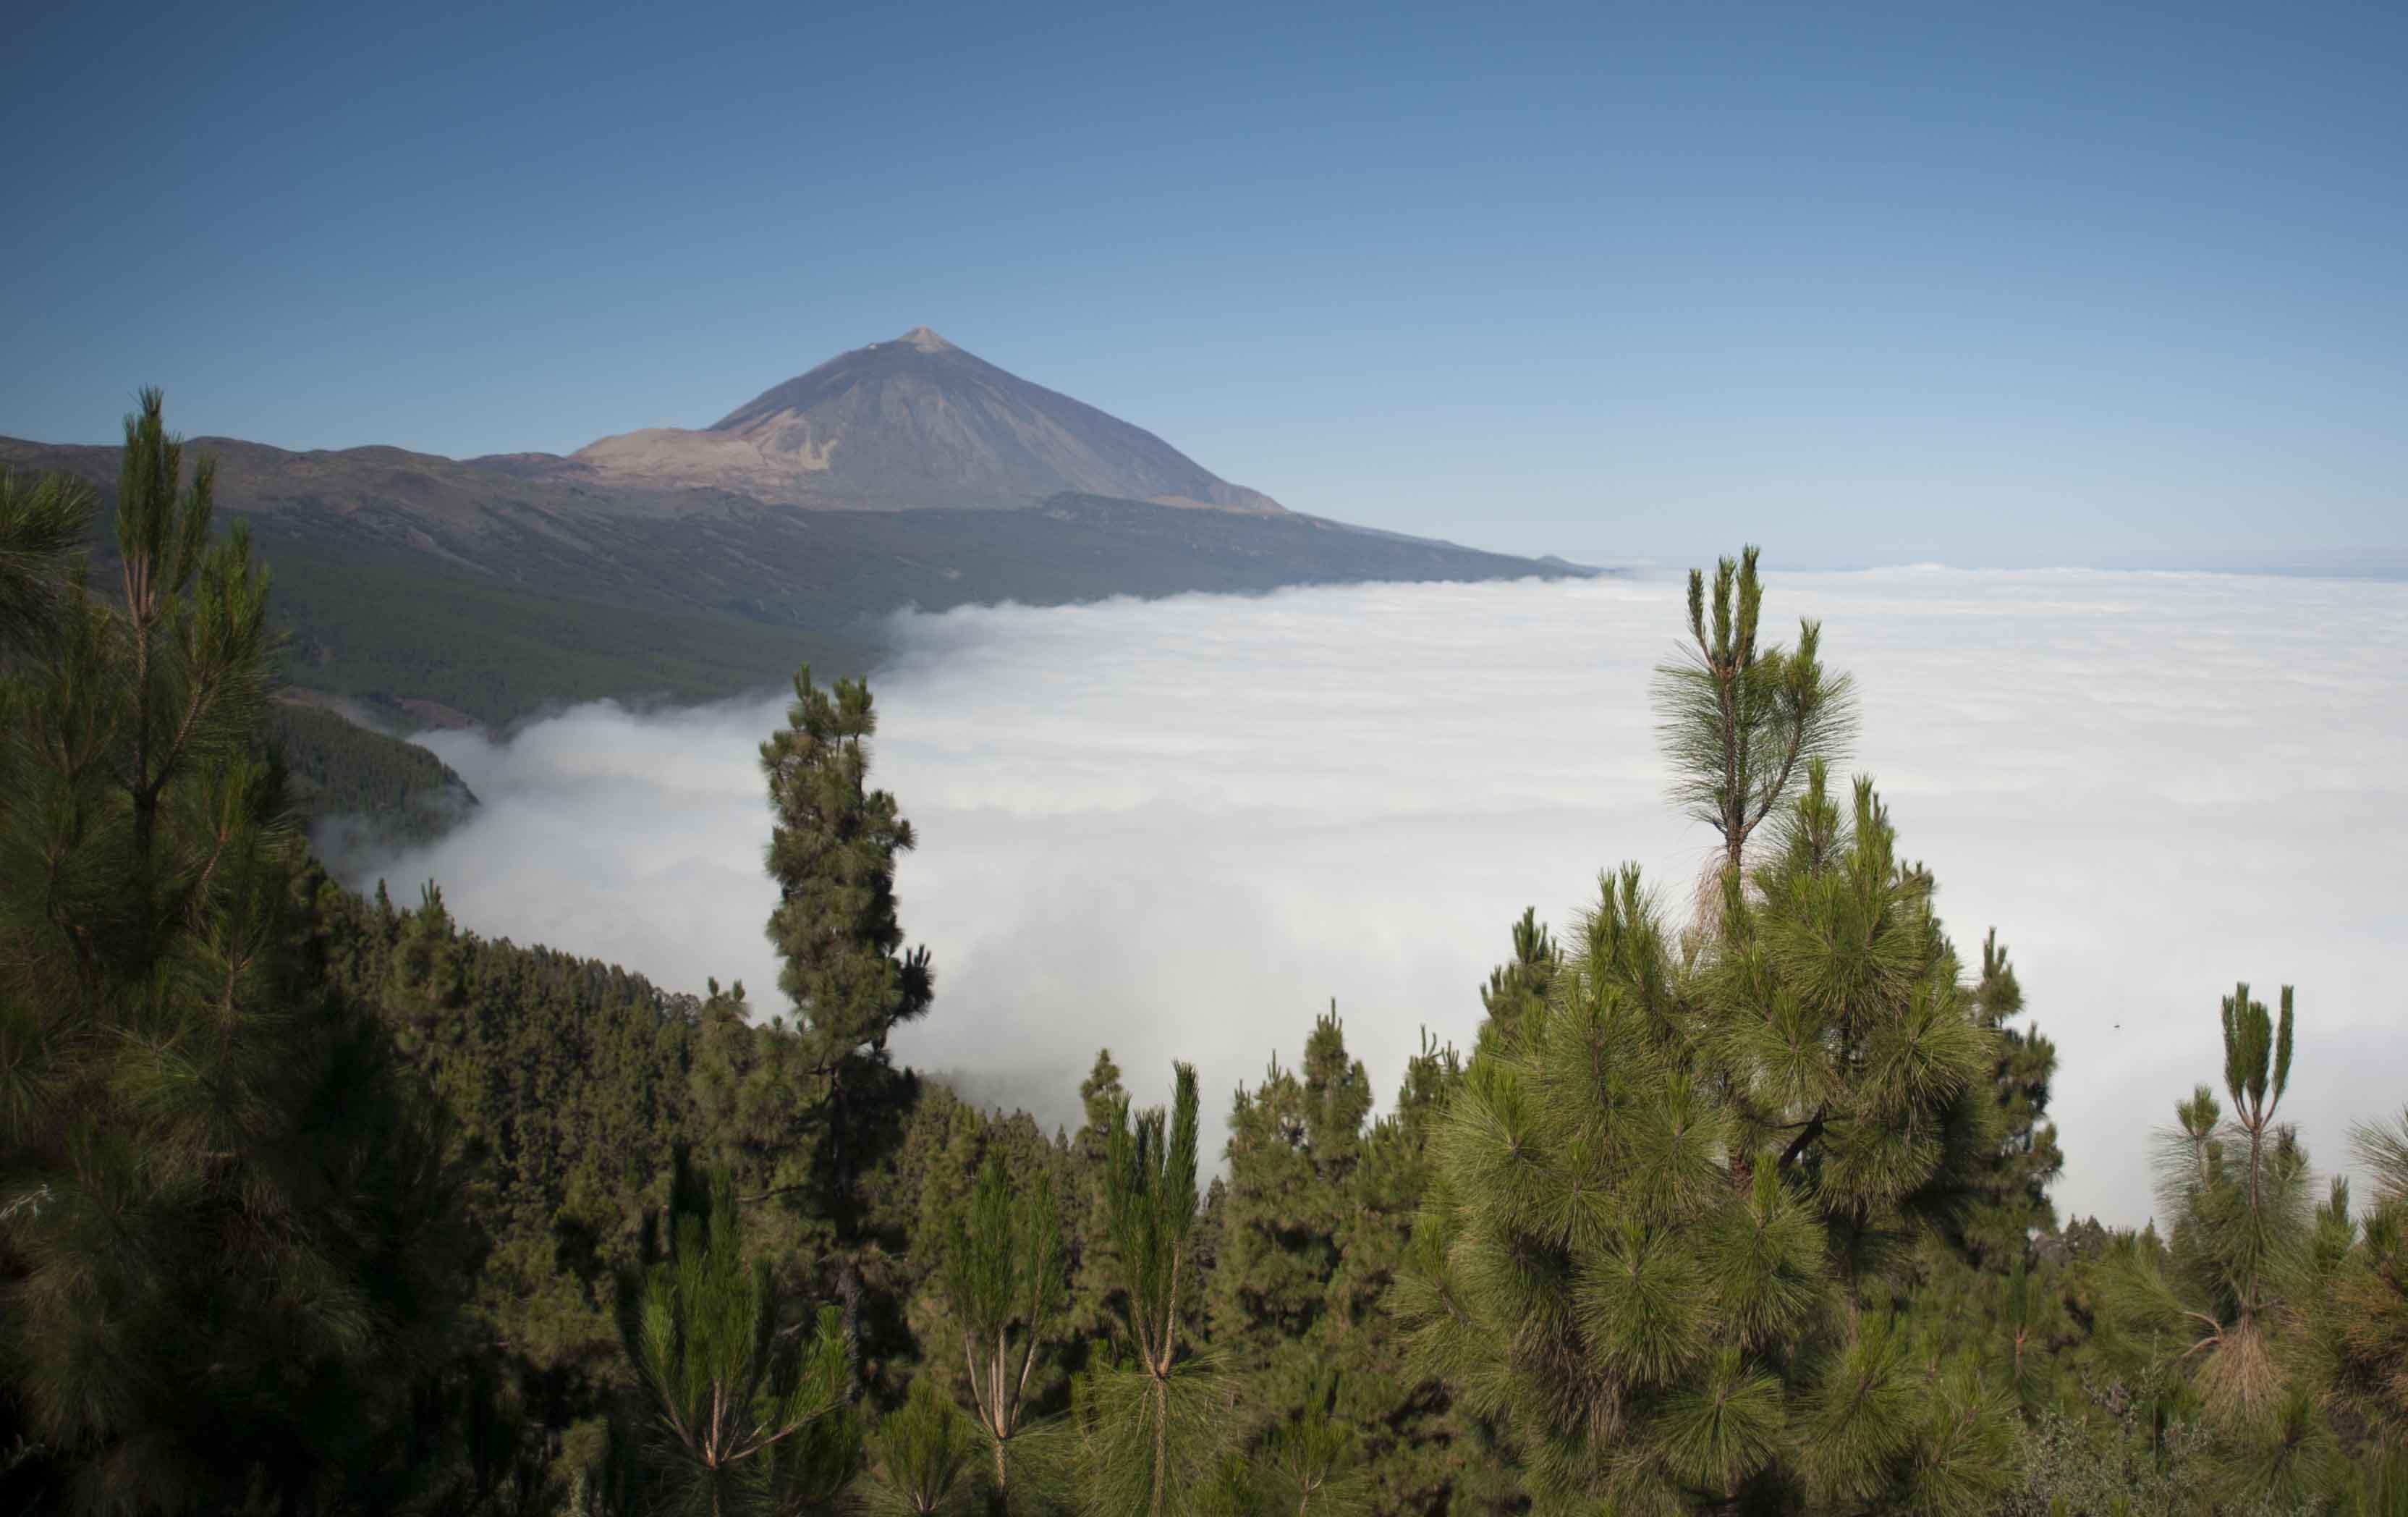 Parque Nacional del Teide, en la isla canaria de Tenerife. Imagen: María González / CSIC Comunicación